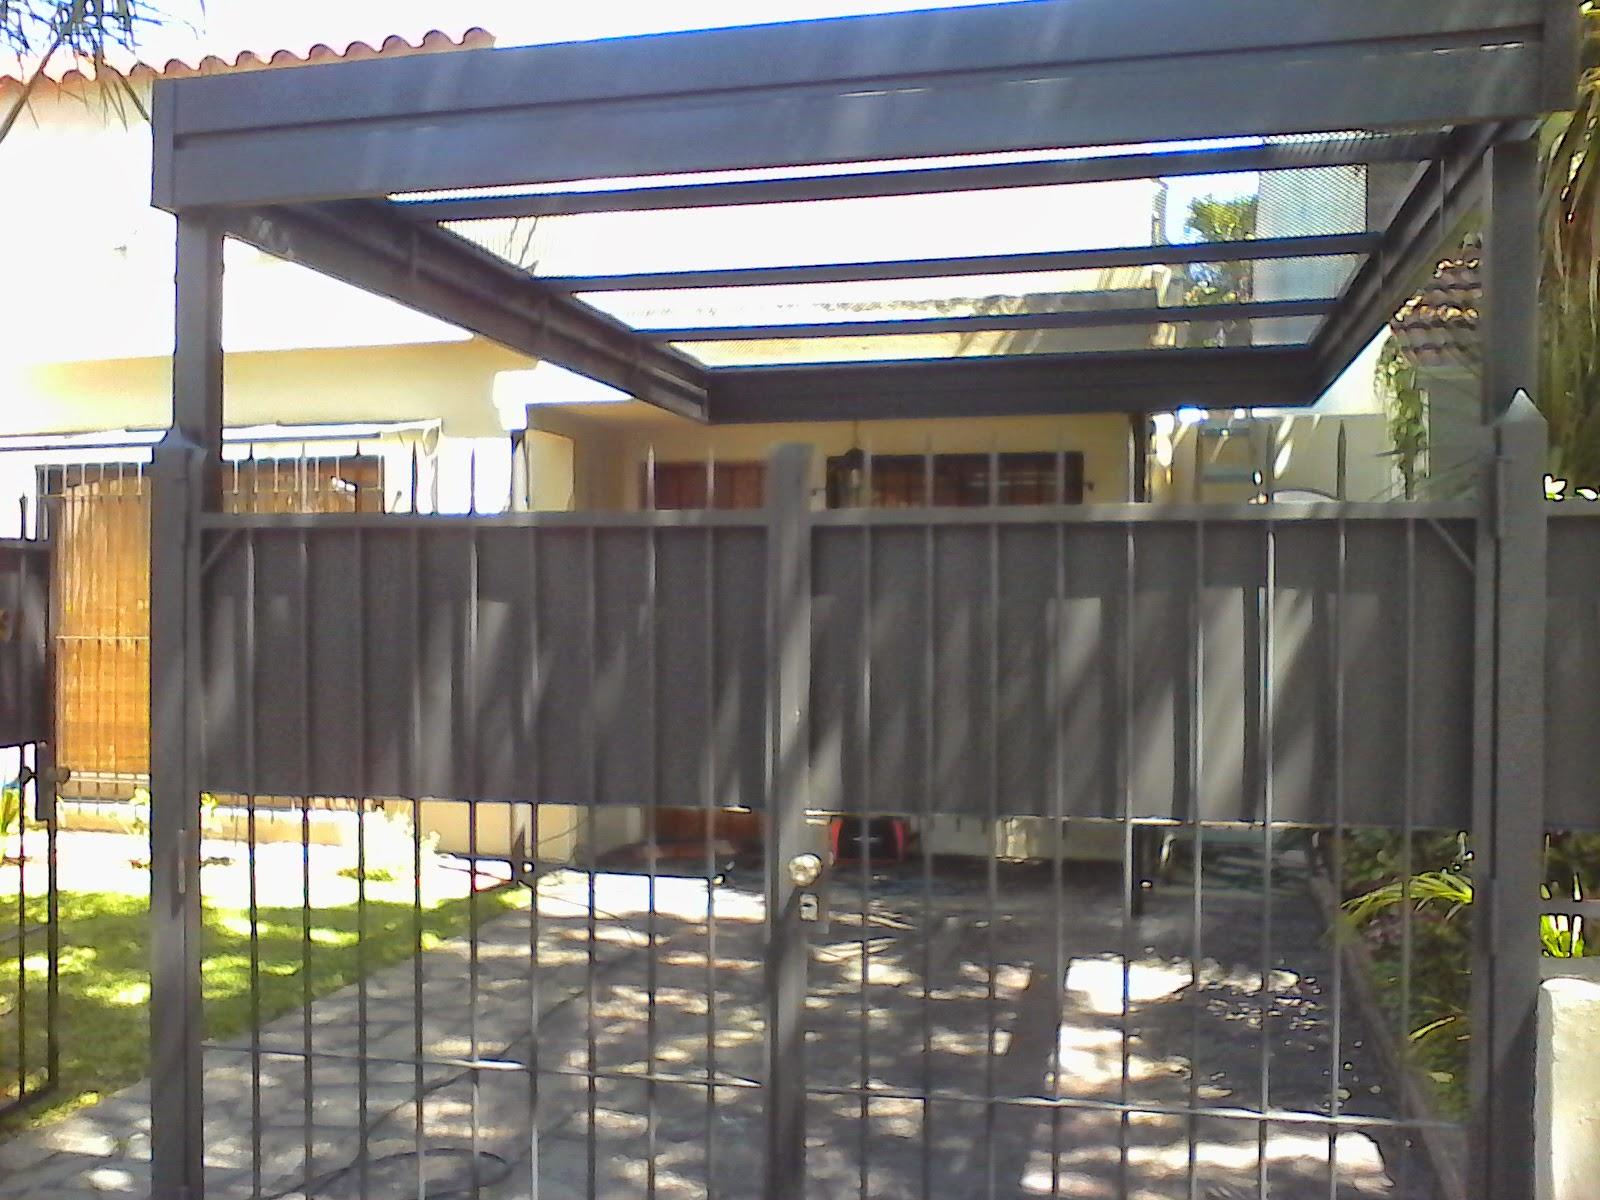 Servi 2000 herreria de obra techos para garage for Techos de policarbonato para garage